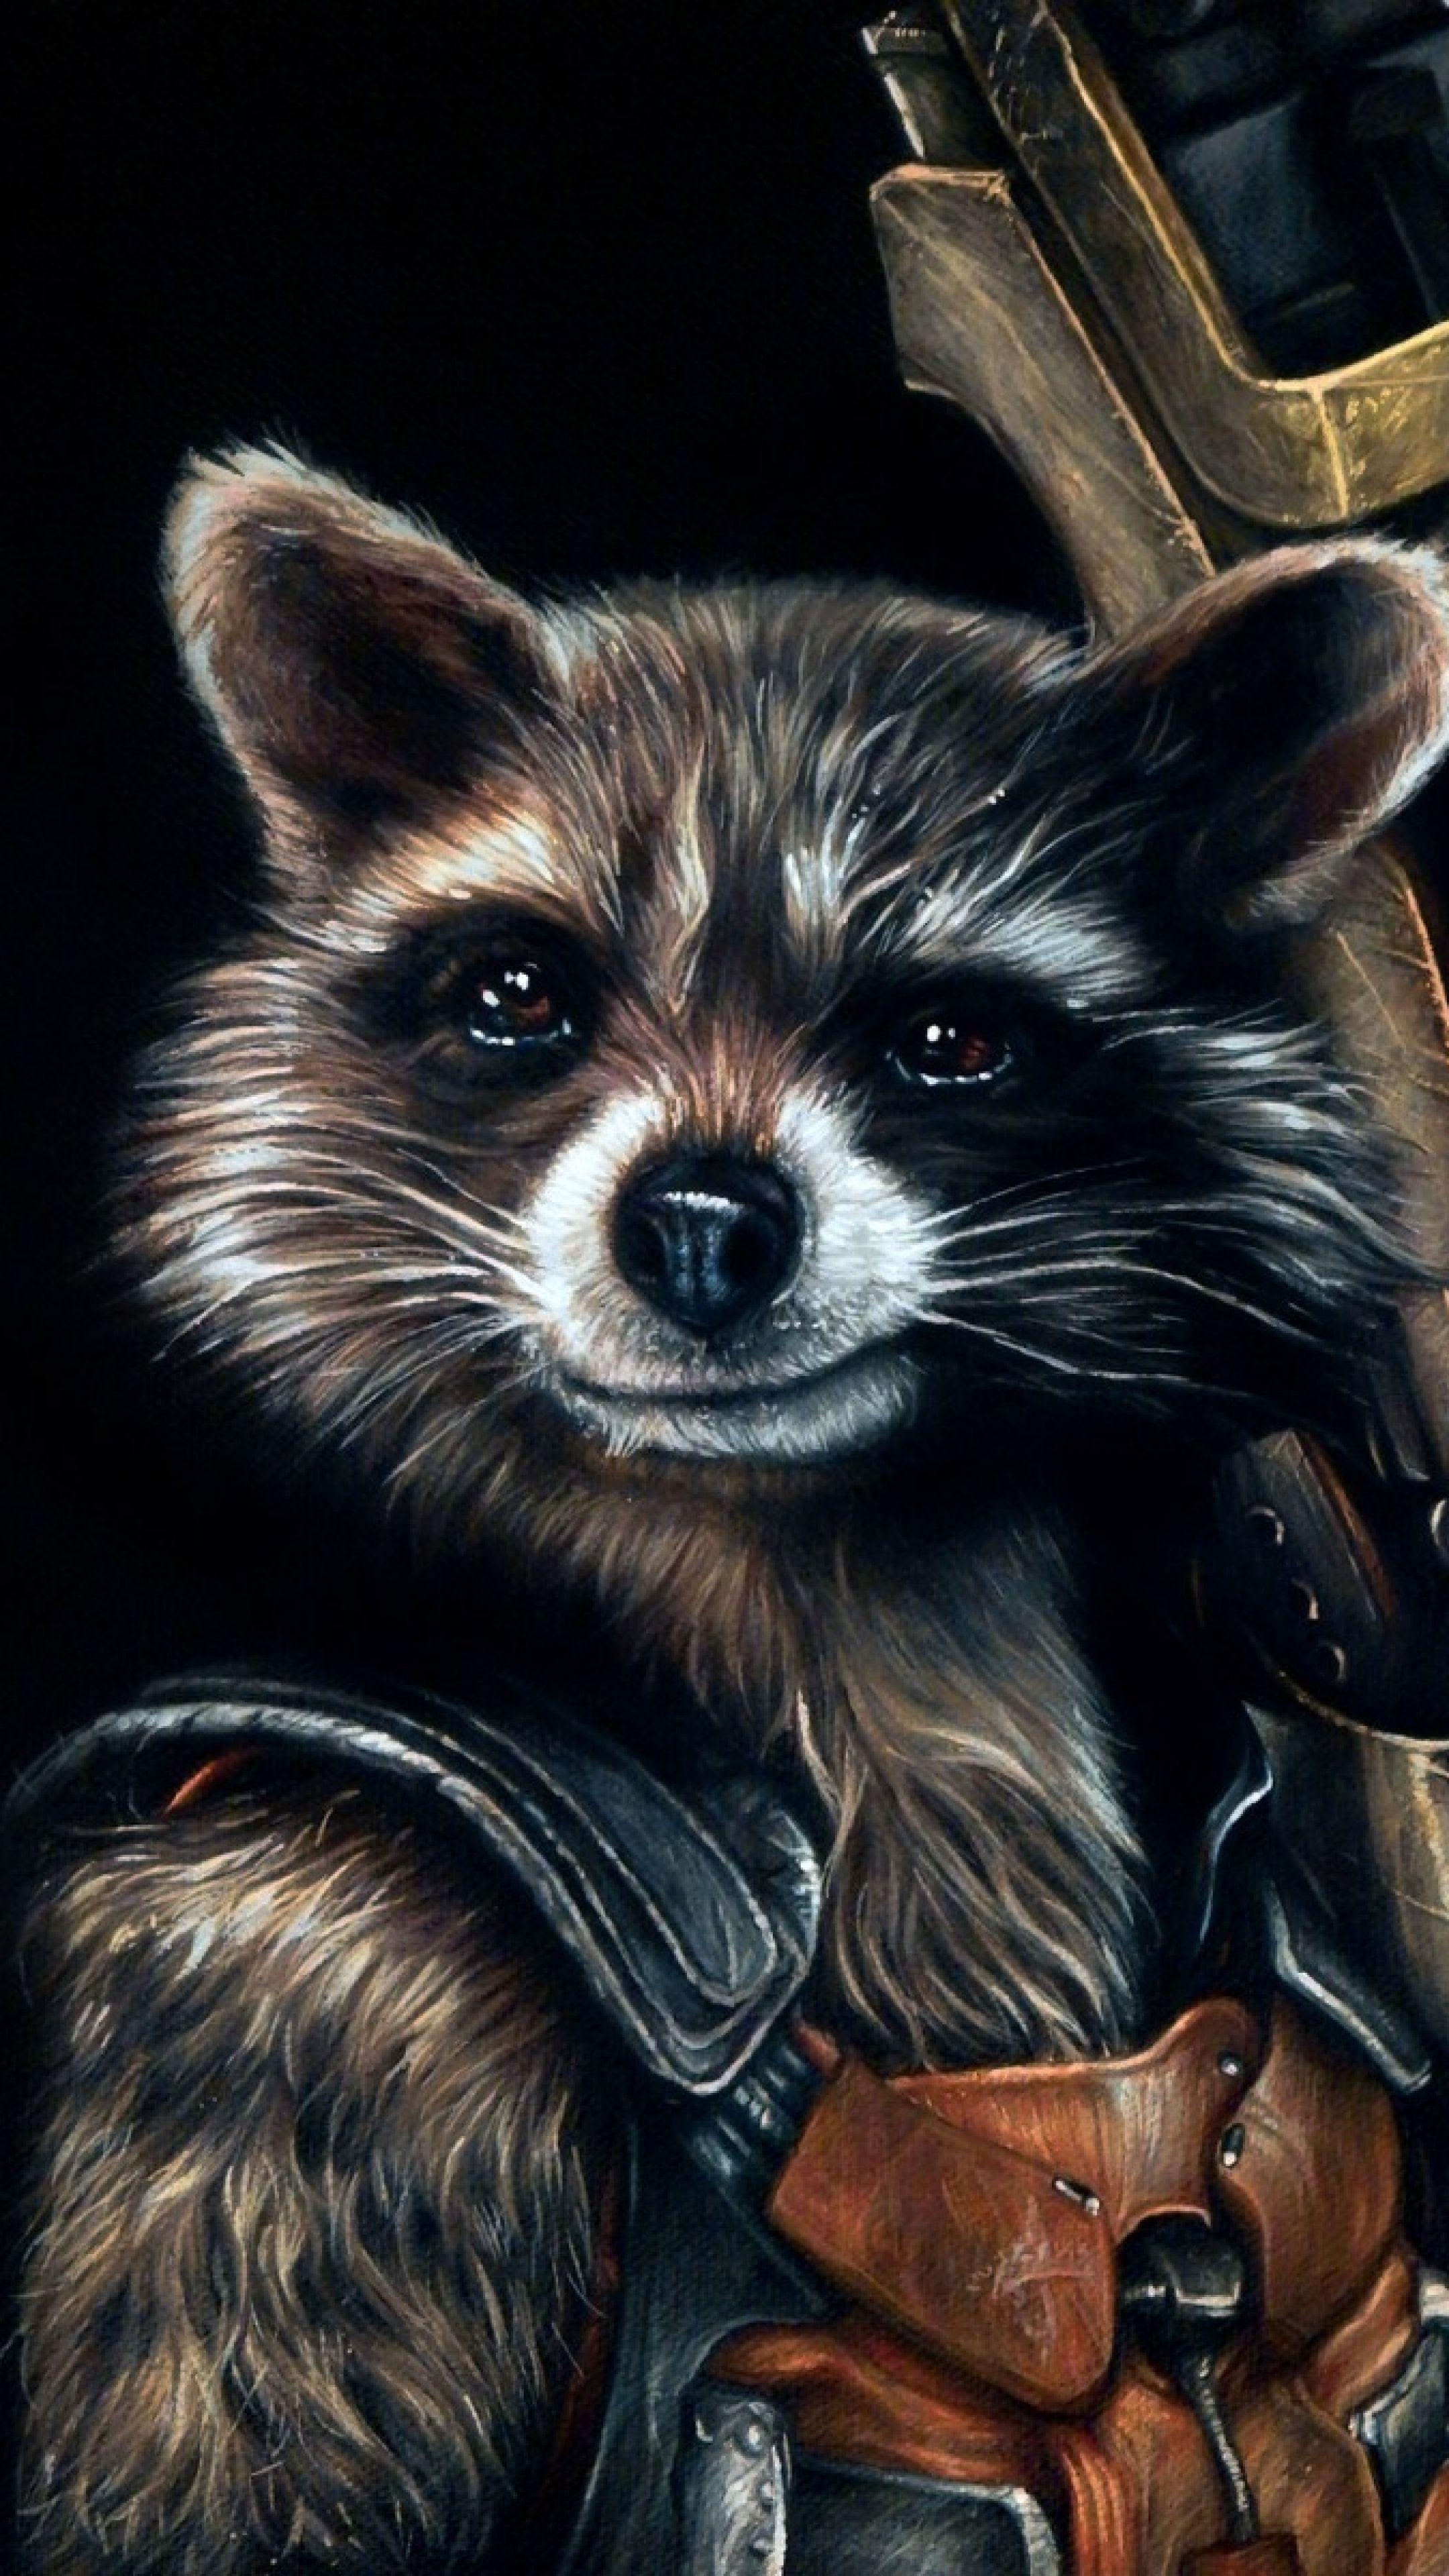 Rocket raccoon wallpapers wallpaper cave - Rocket raccoon phone wallpaper ...